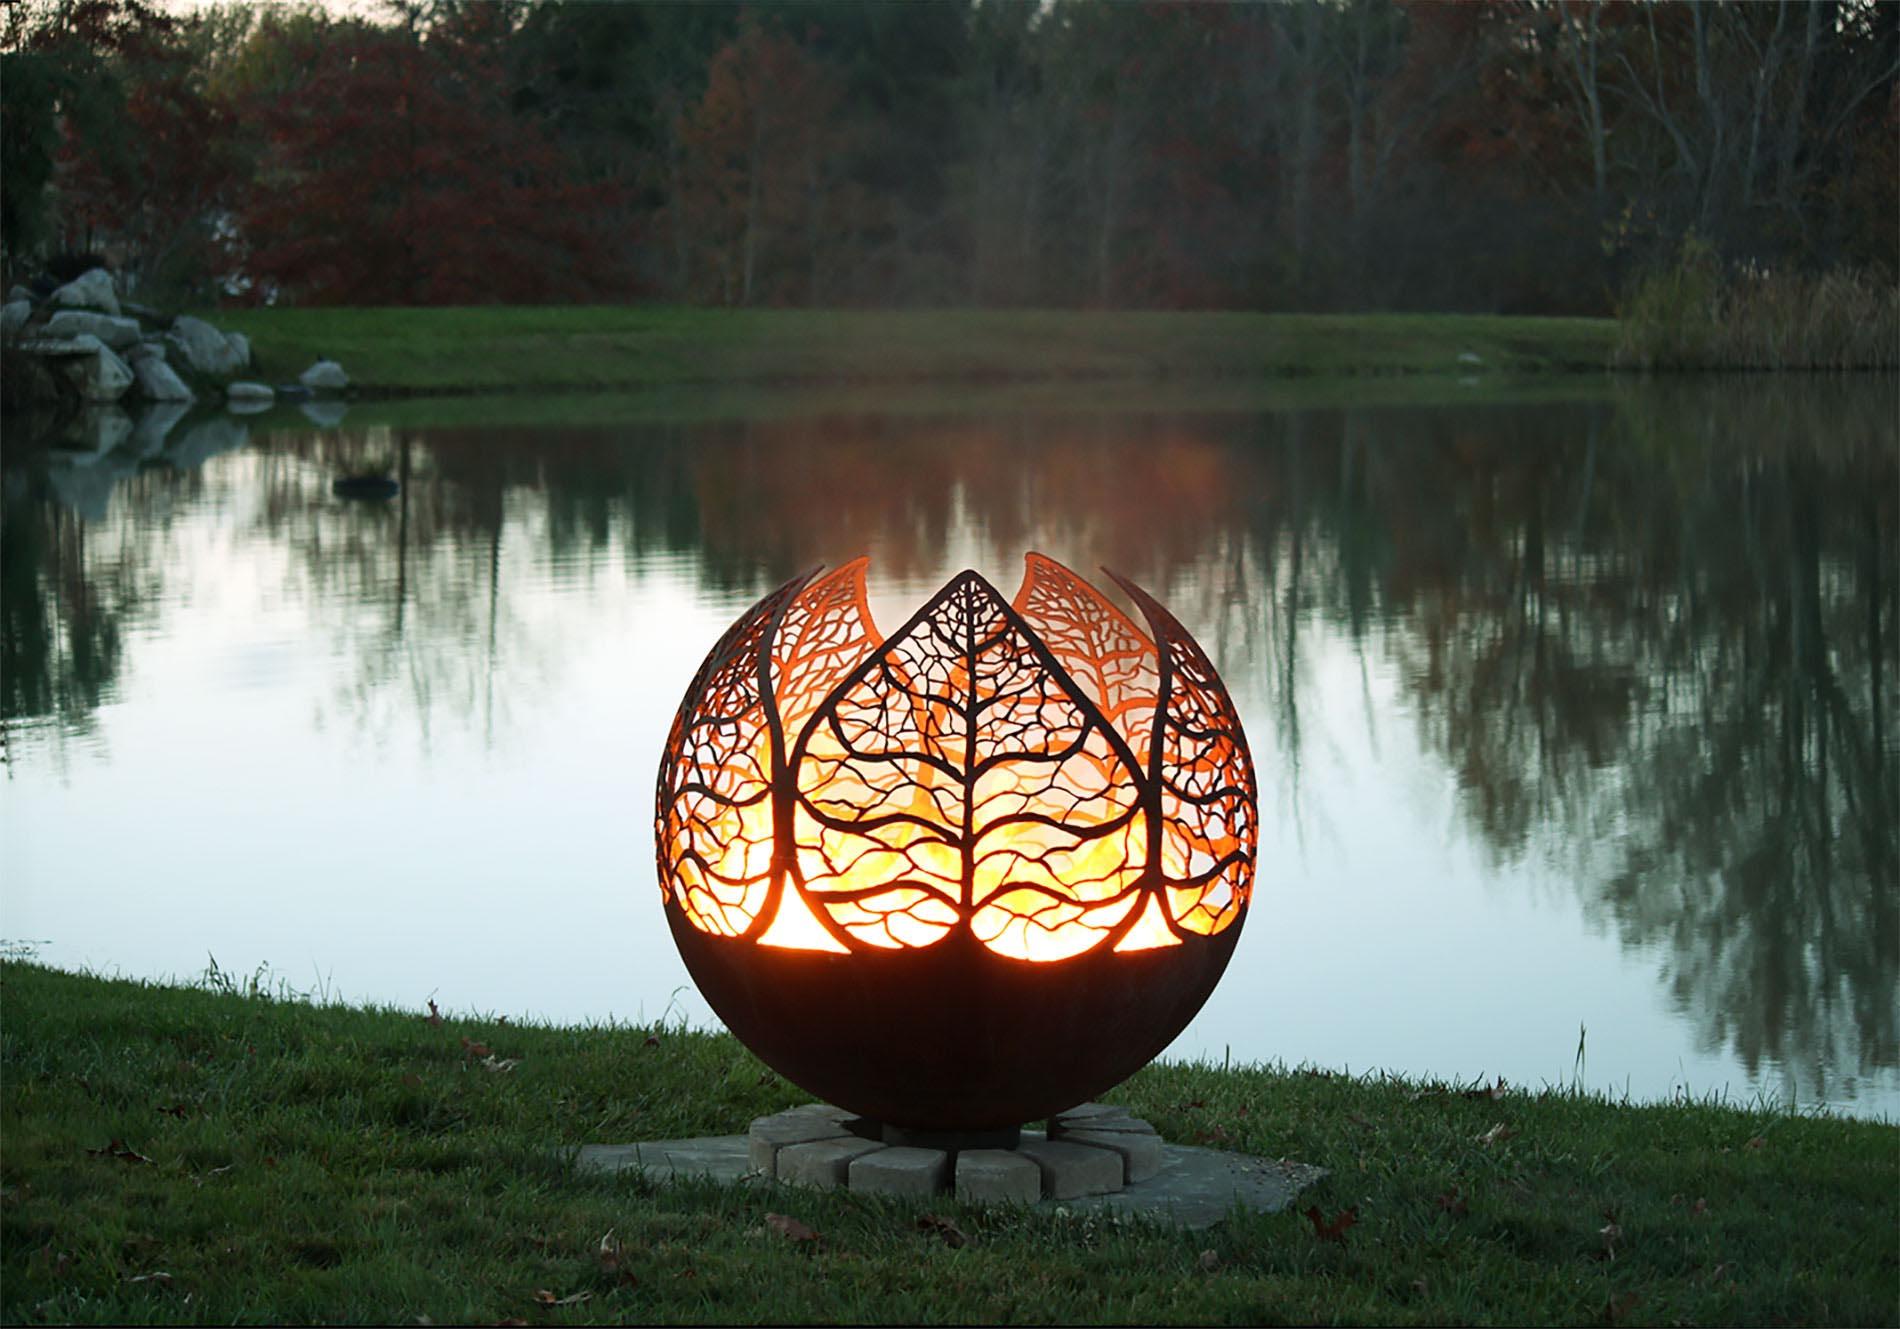 Unique Arts Fire Pits